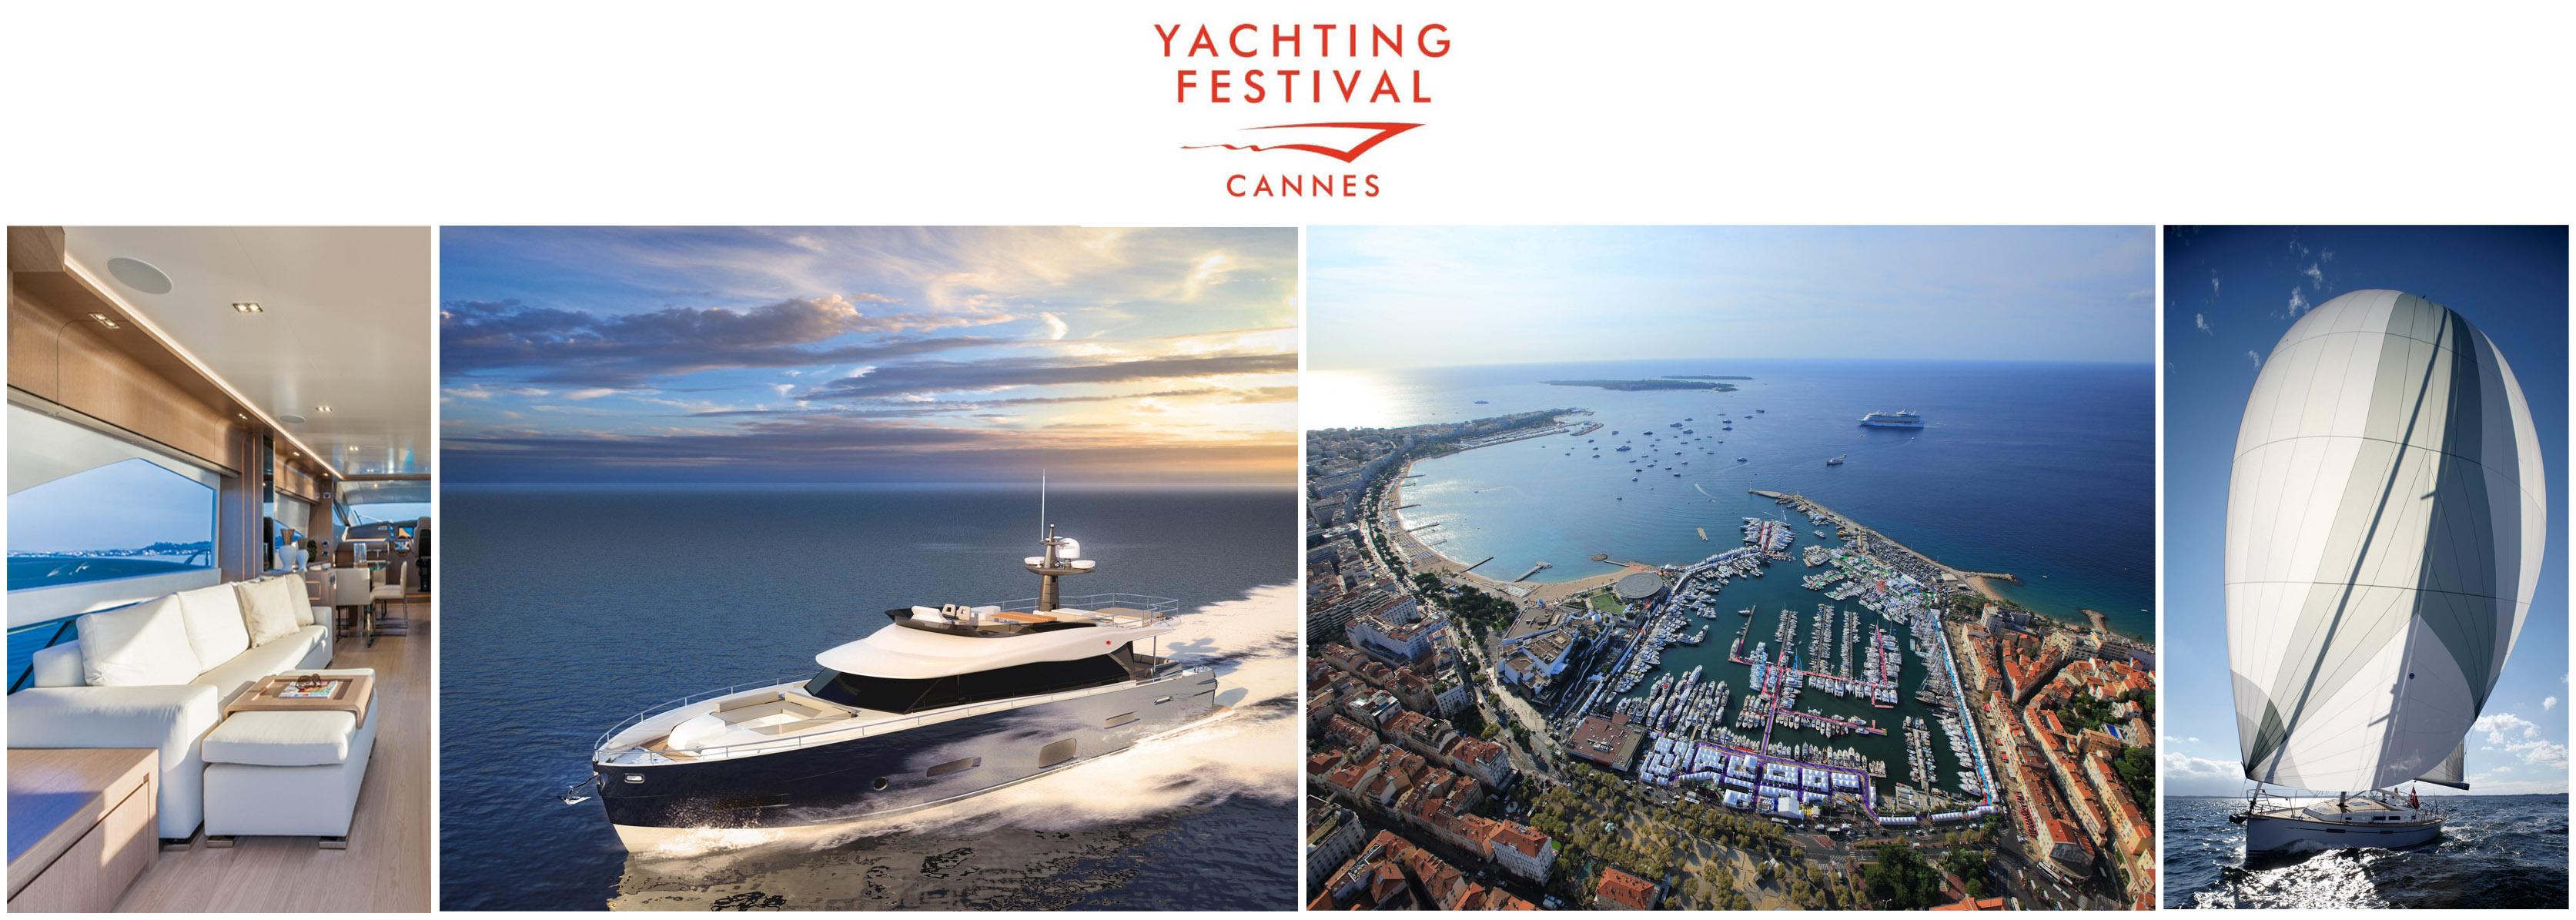 La 38ème édition du Yachting Festival de Cannes se clôture sur un bilan positif…